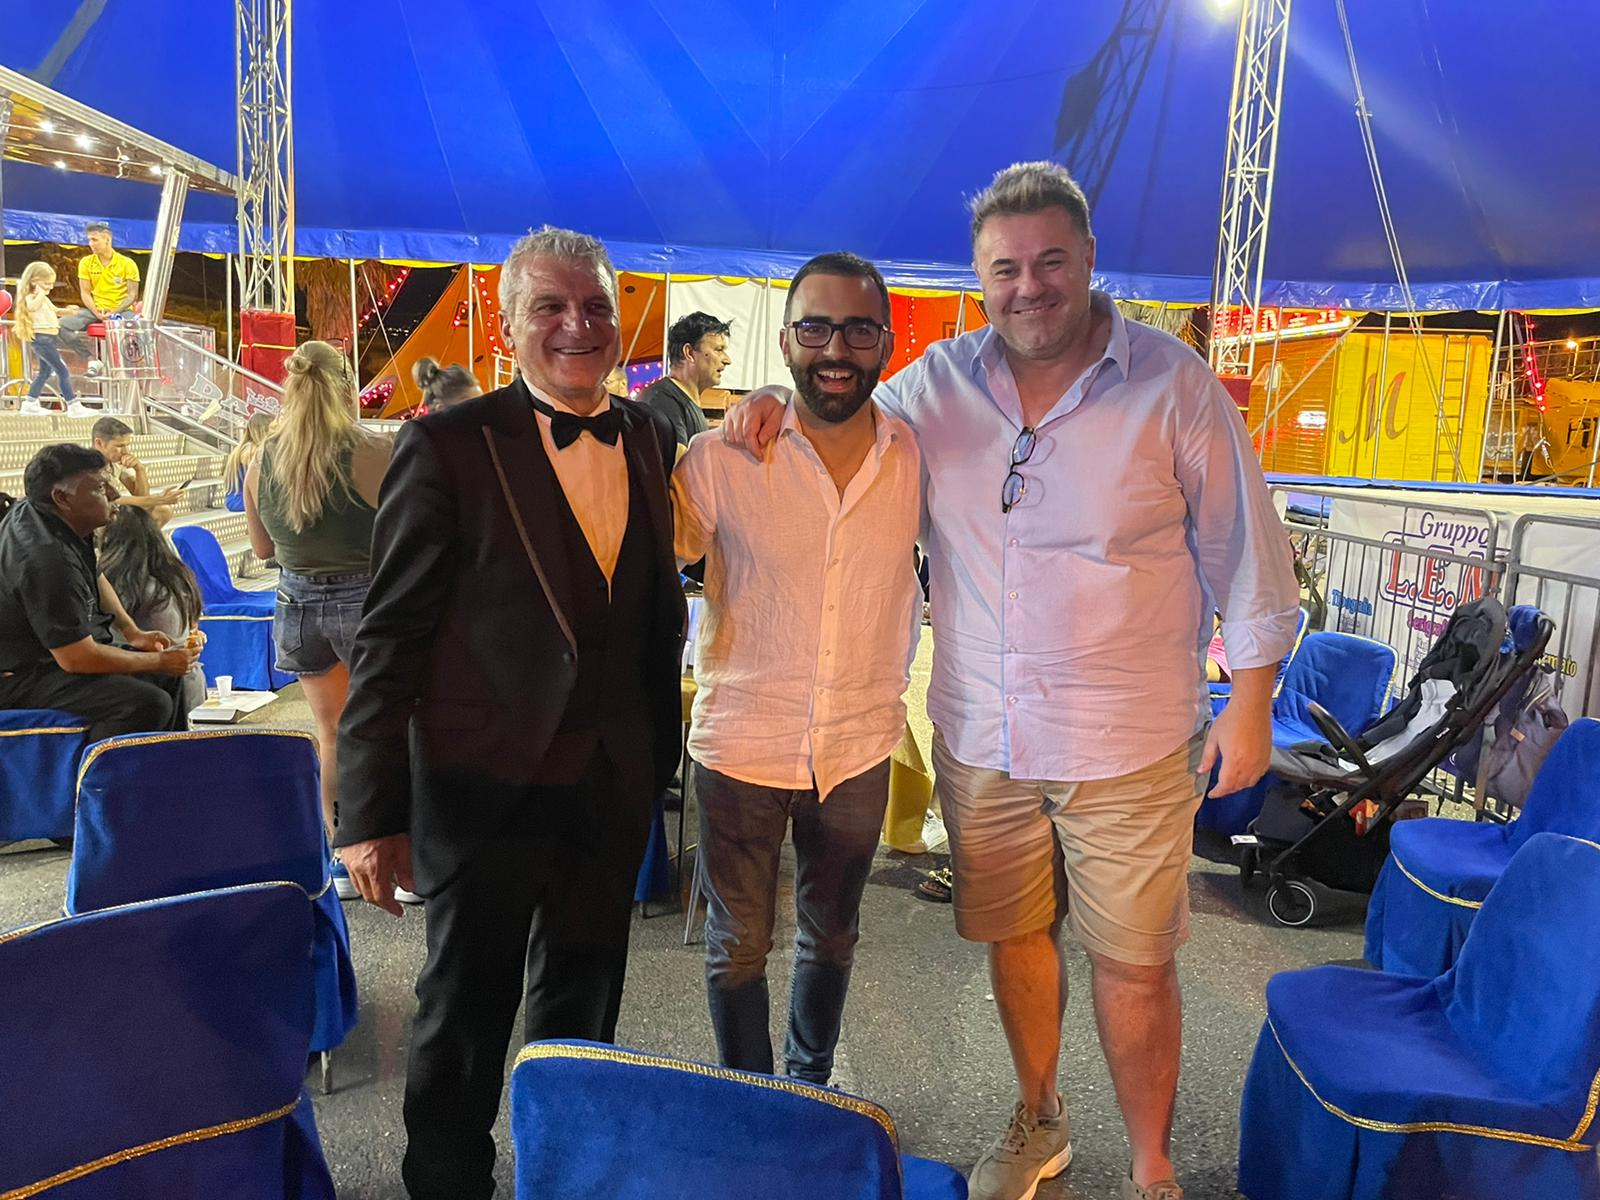 Sindaco Danilo lo giudice Del Comune di Santa Teresa di riva ospite al circo darix m orfei